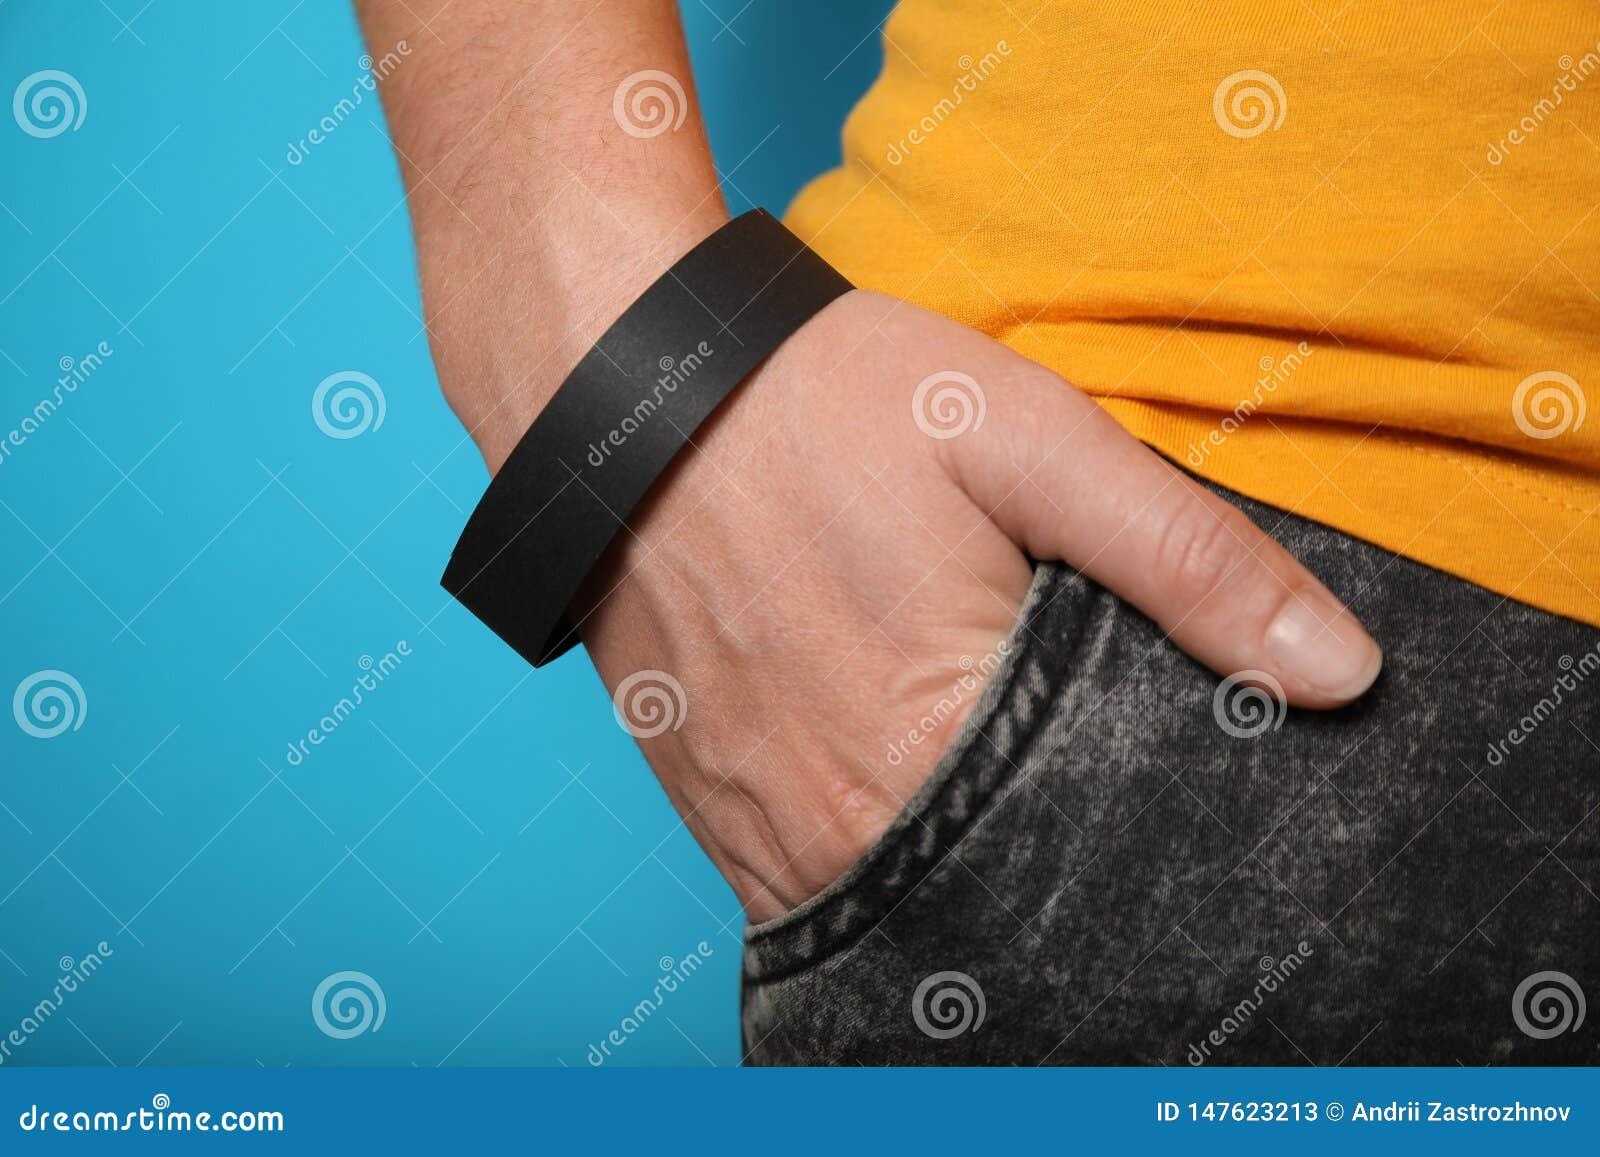 Koncertowy czer? papieru bransoletki mockup, wydarzenia wristband R?ki aktywno?ci akcesorium tani, adhezyjny,